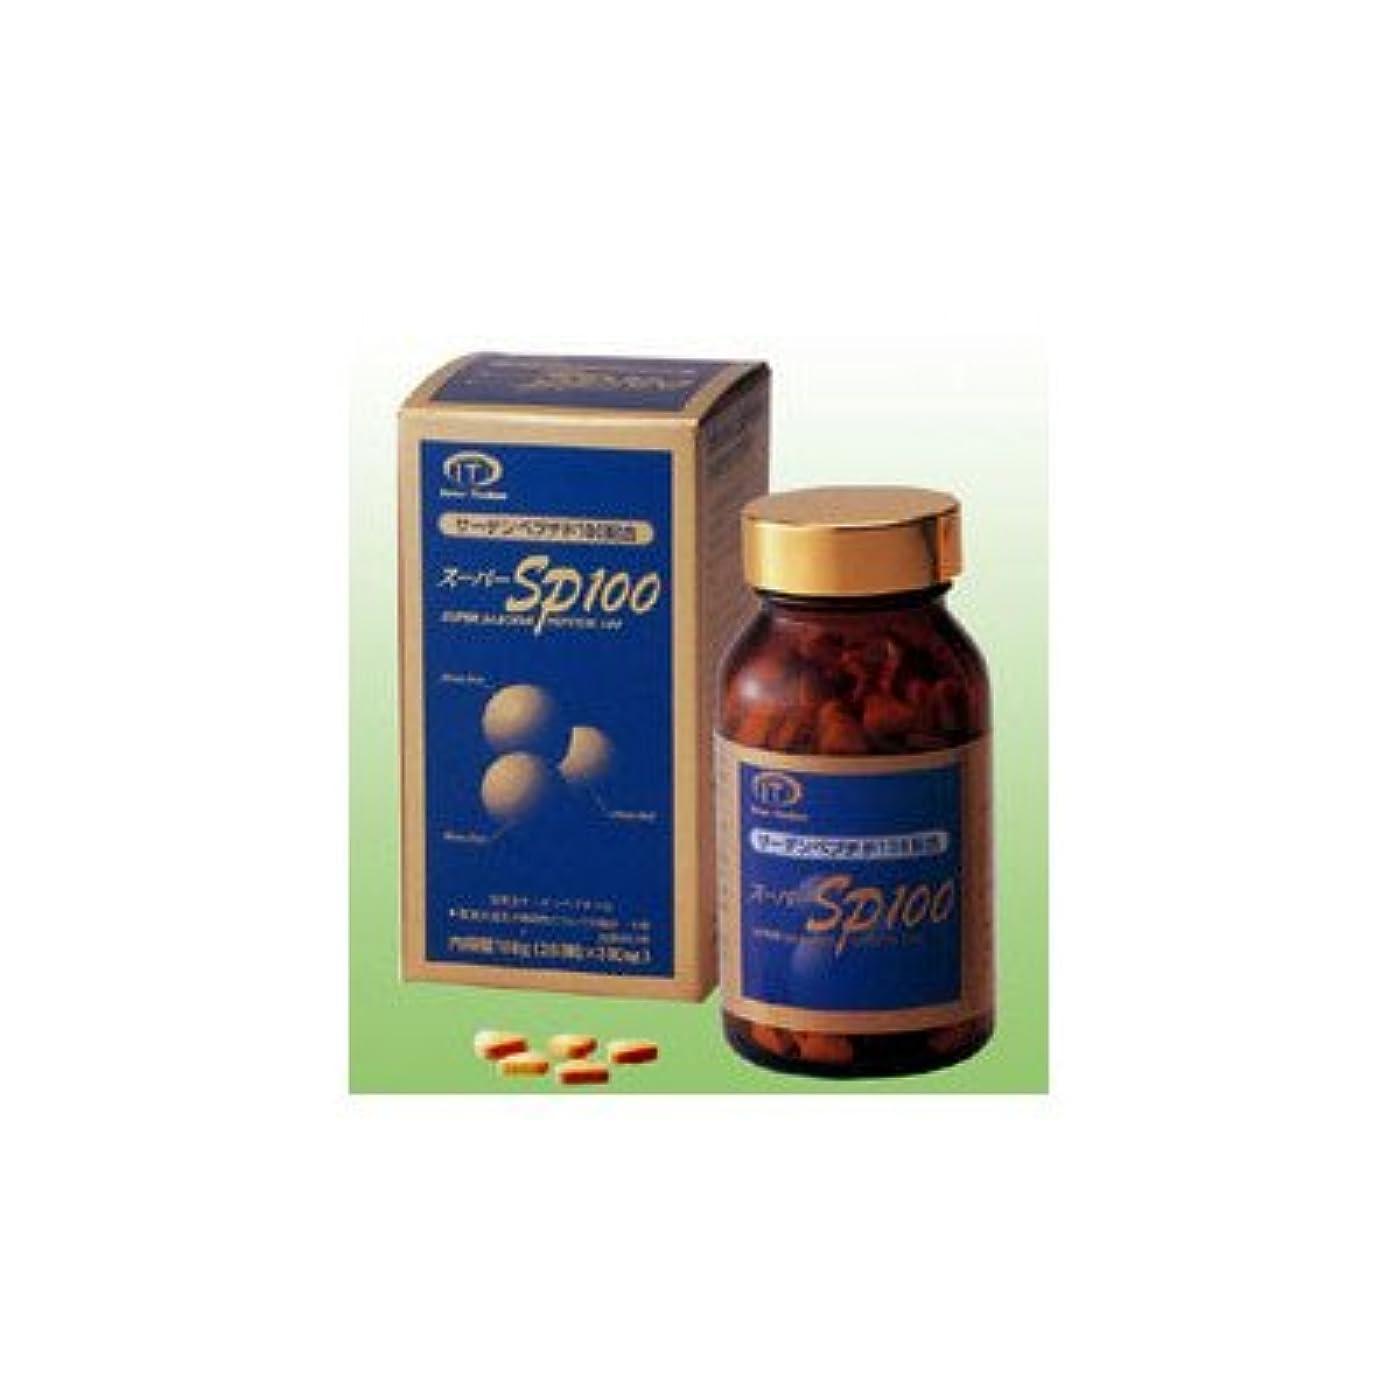 ルーチン威するアレルギー性スーパーSP100(イワシペプチド)(360粒) 4箱